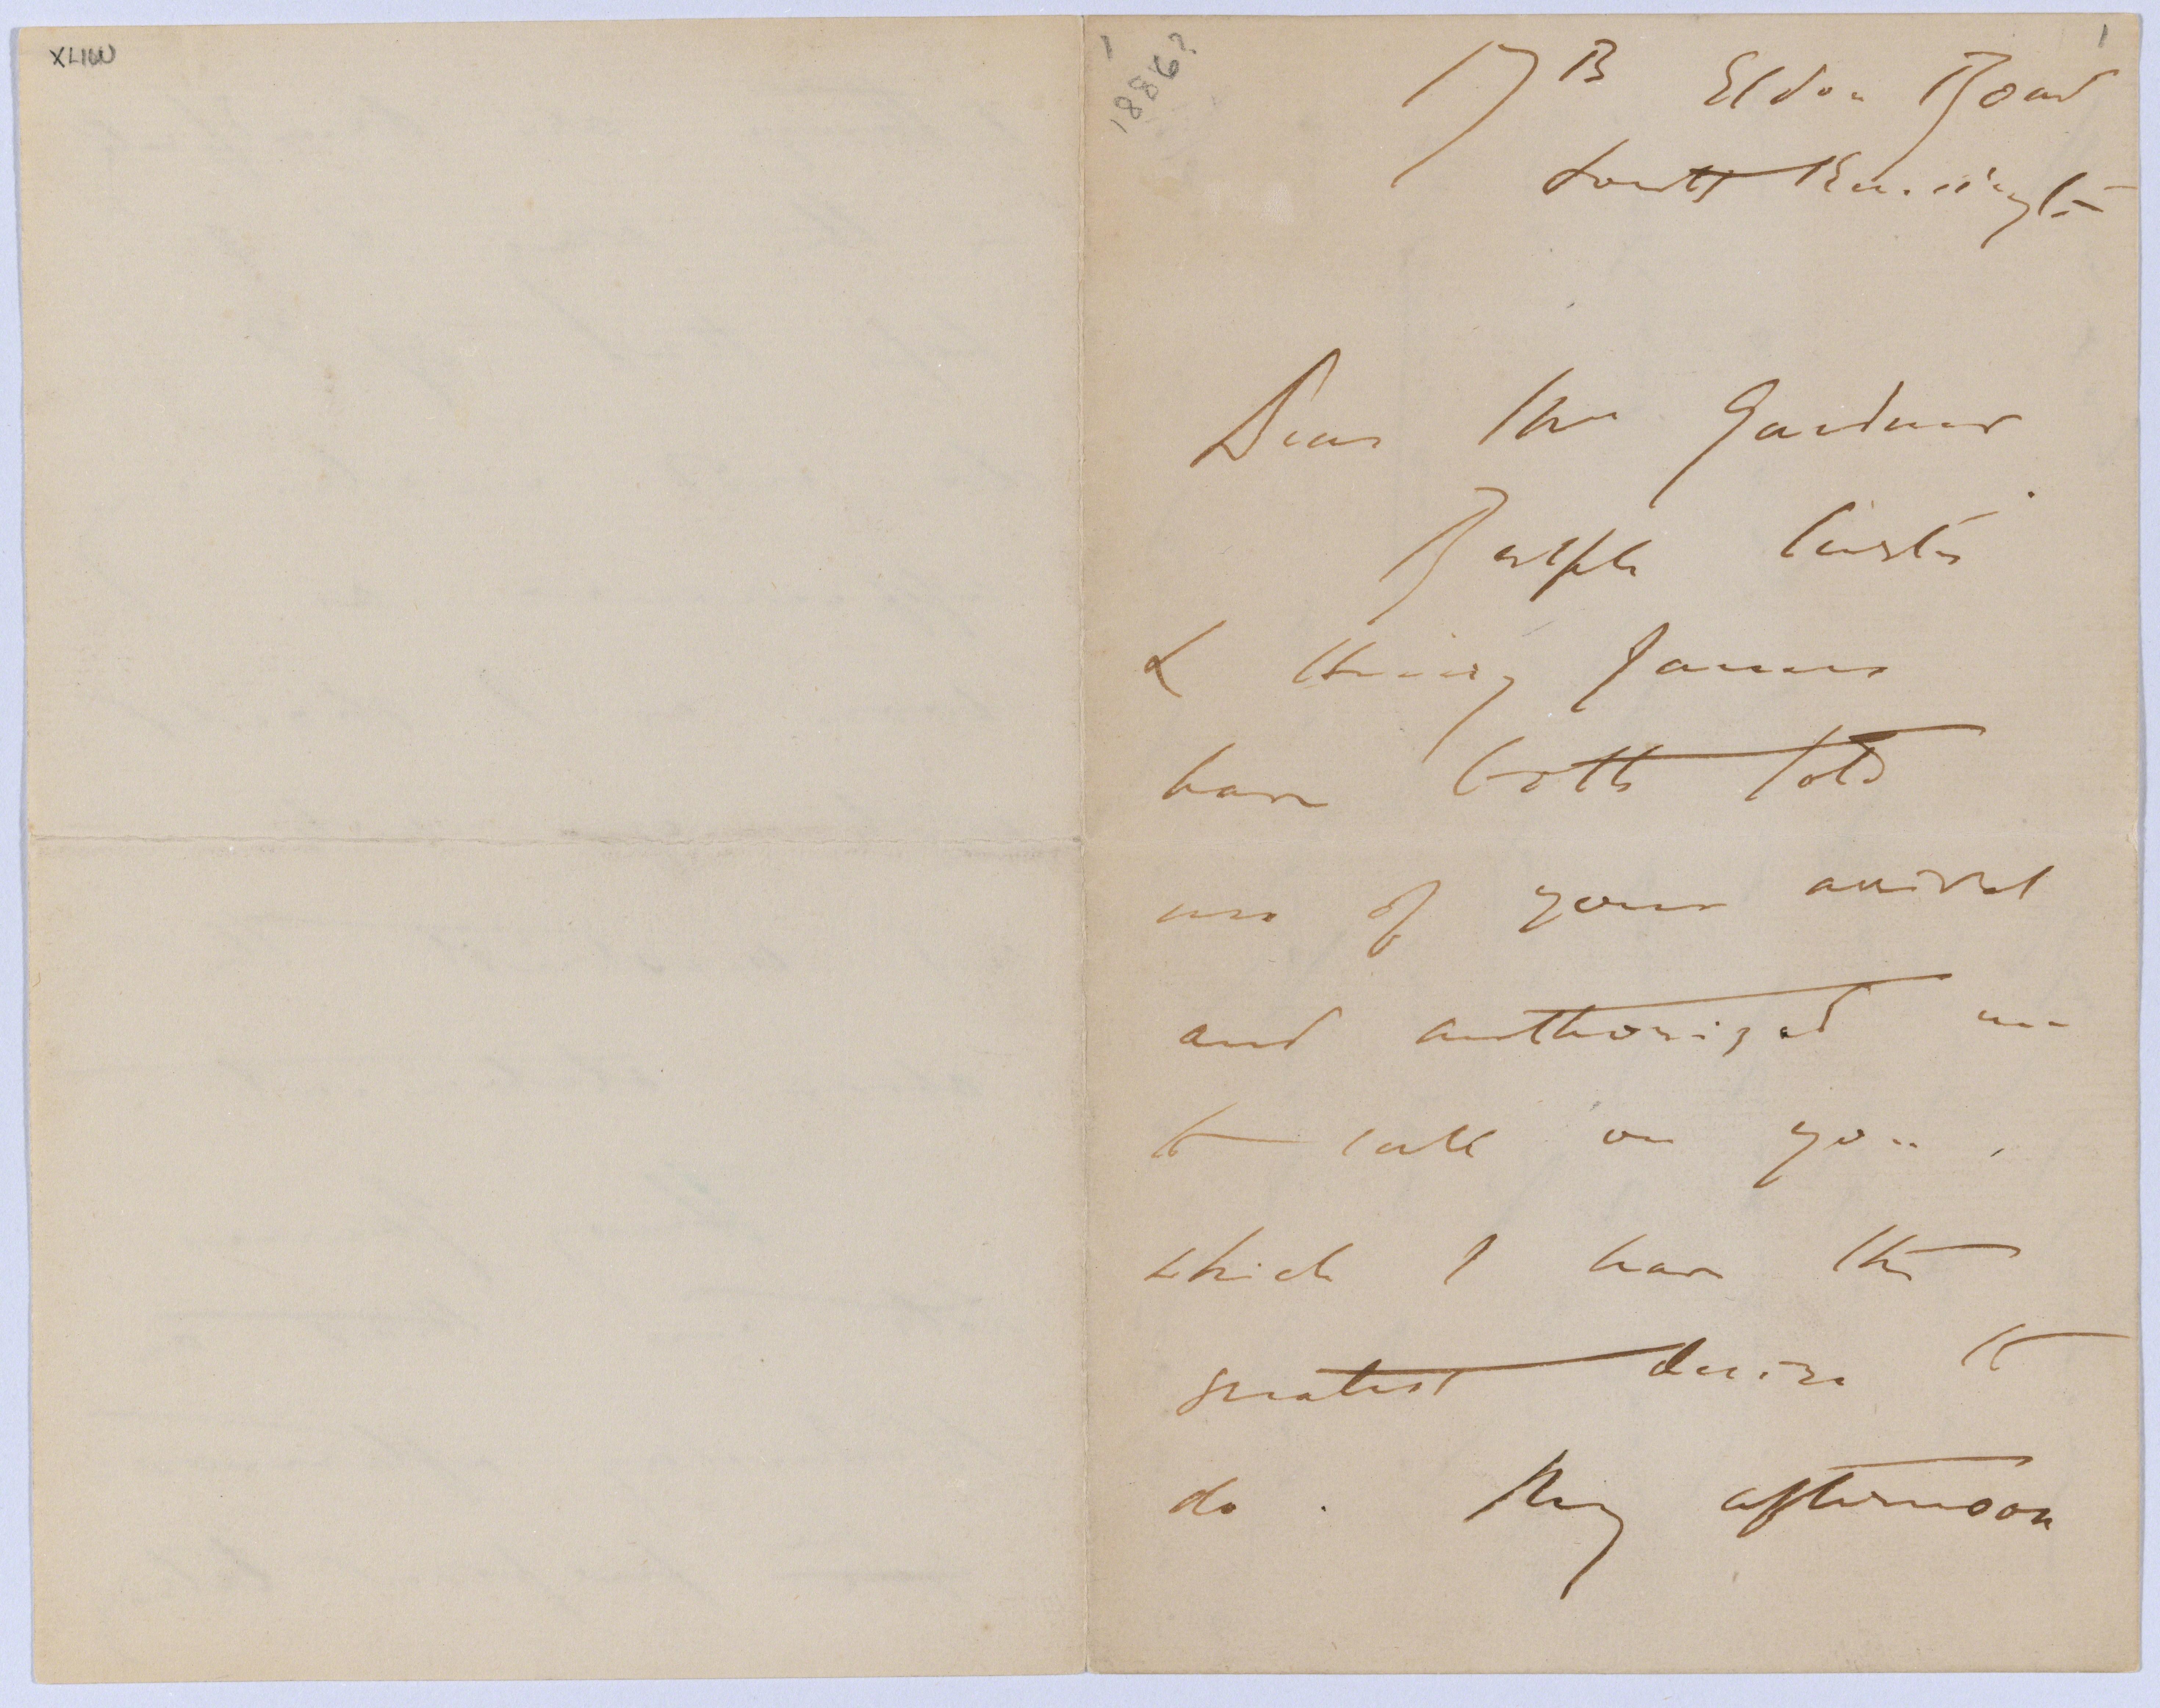 , 'Letter to Isabella Stewart Gardner from 17B Eldon Row, South Kensington,,' 1886, Isabella Stewart Gardner Museum